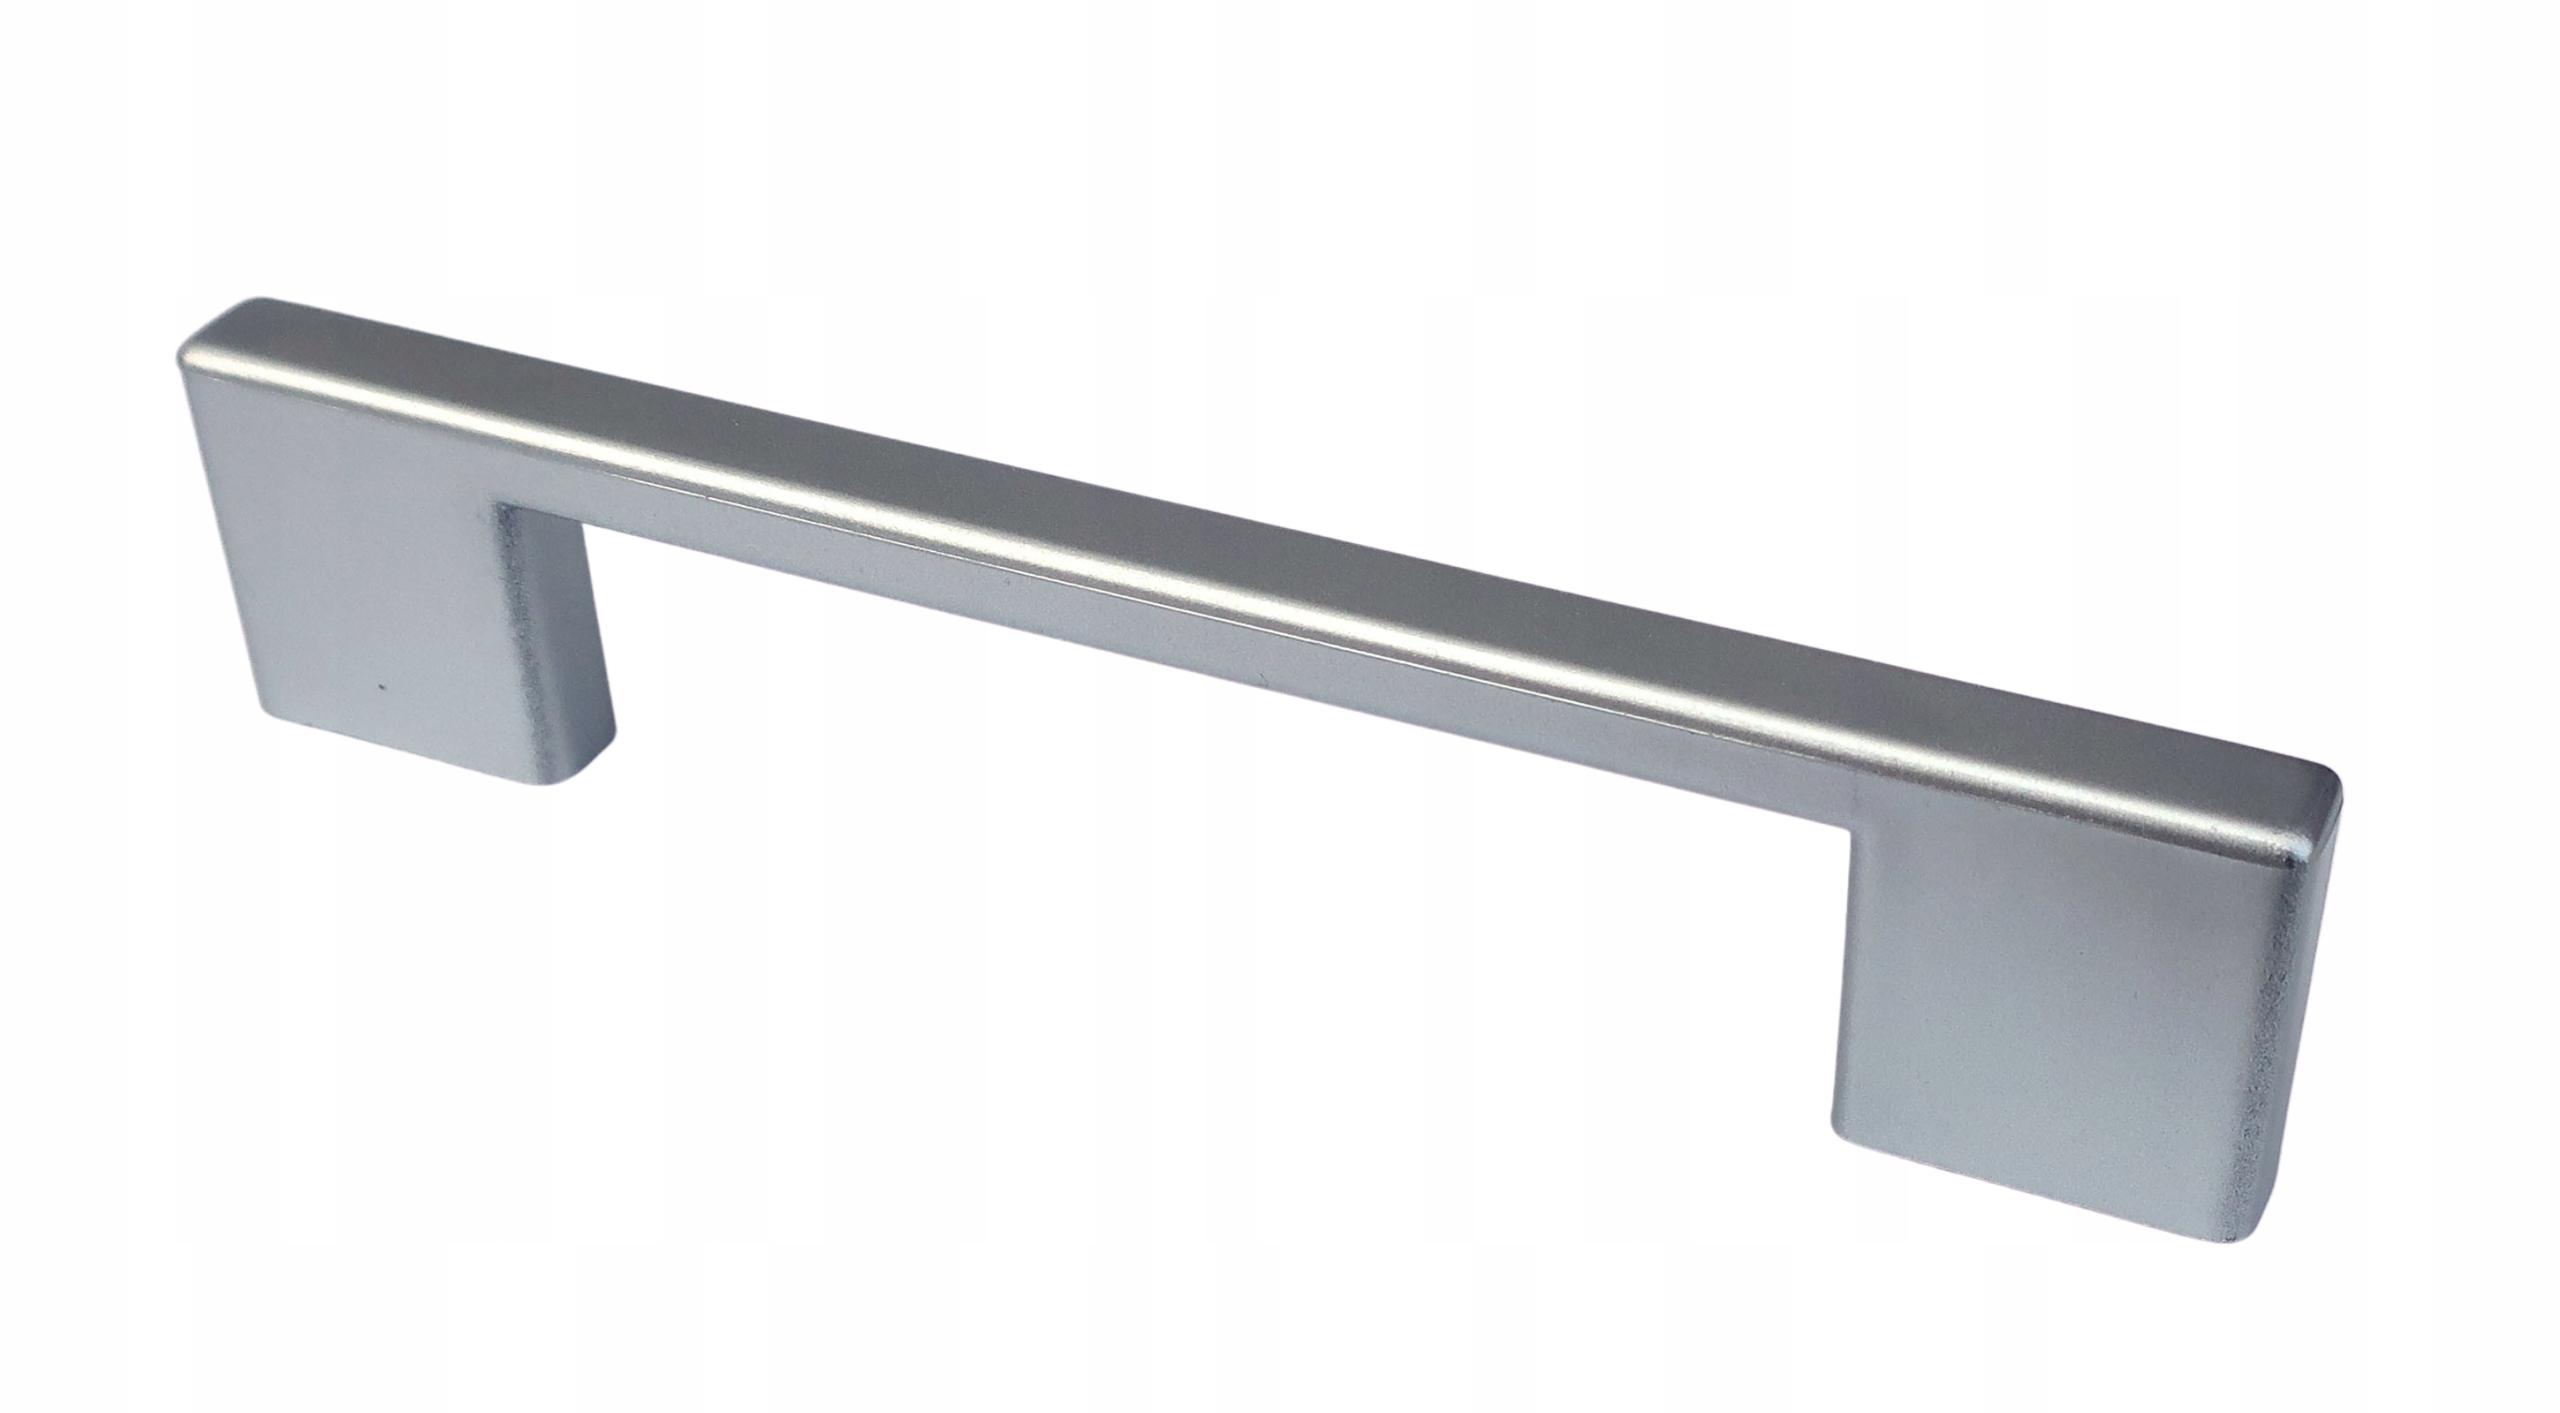 Uchwyt meblowy UL Srebrny 96mm 128mm + wkręty